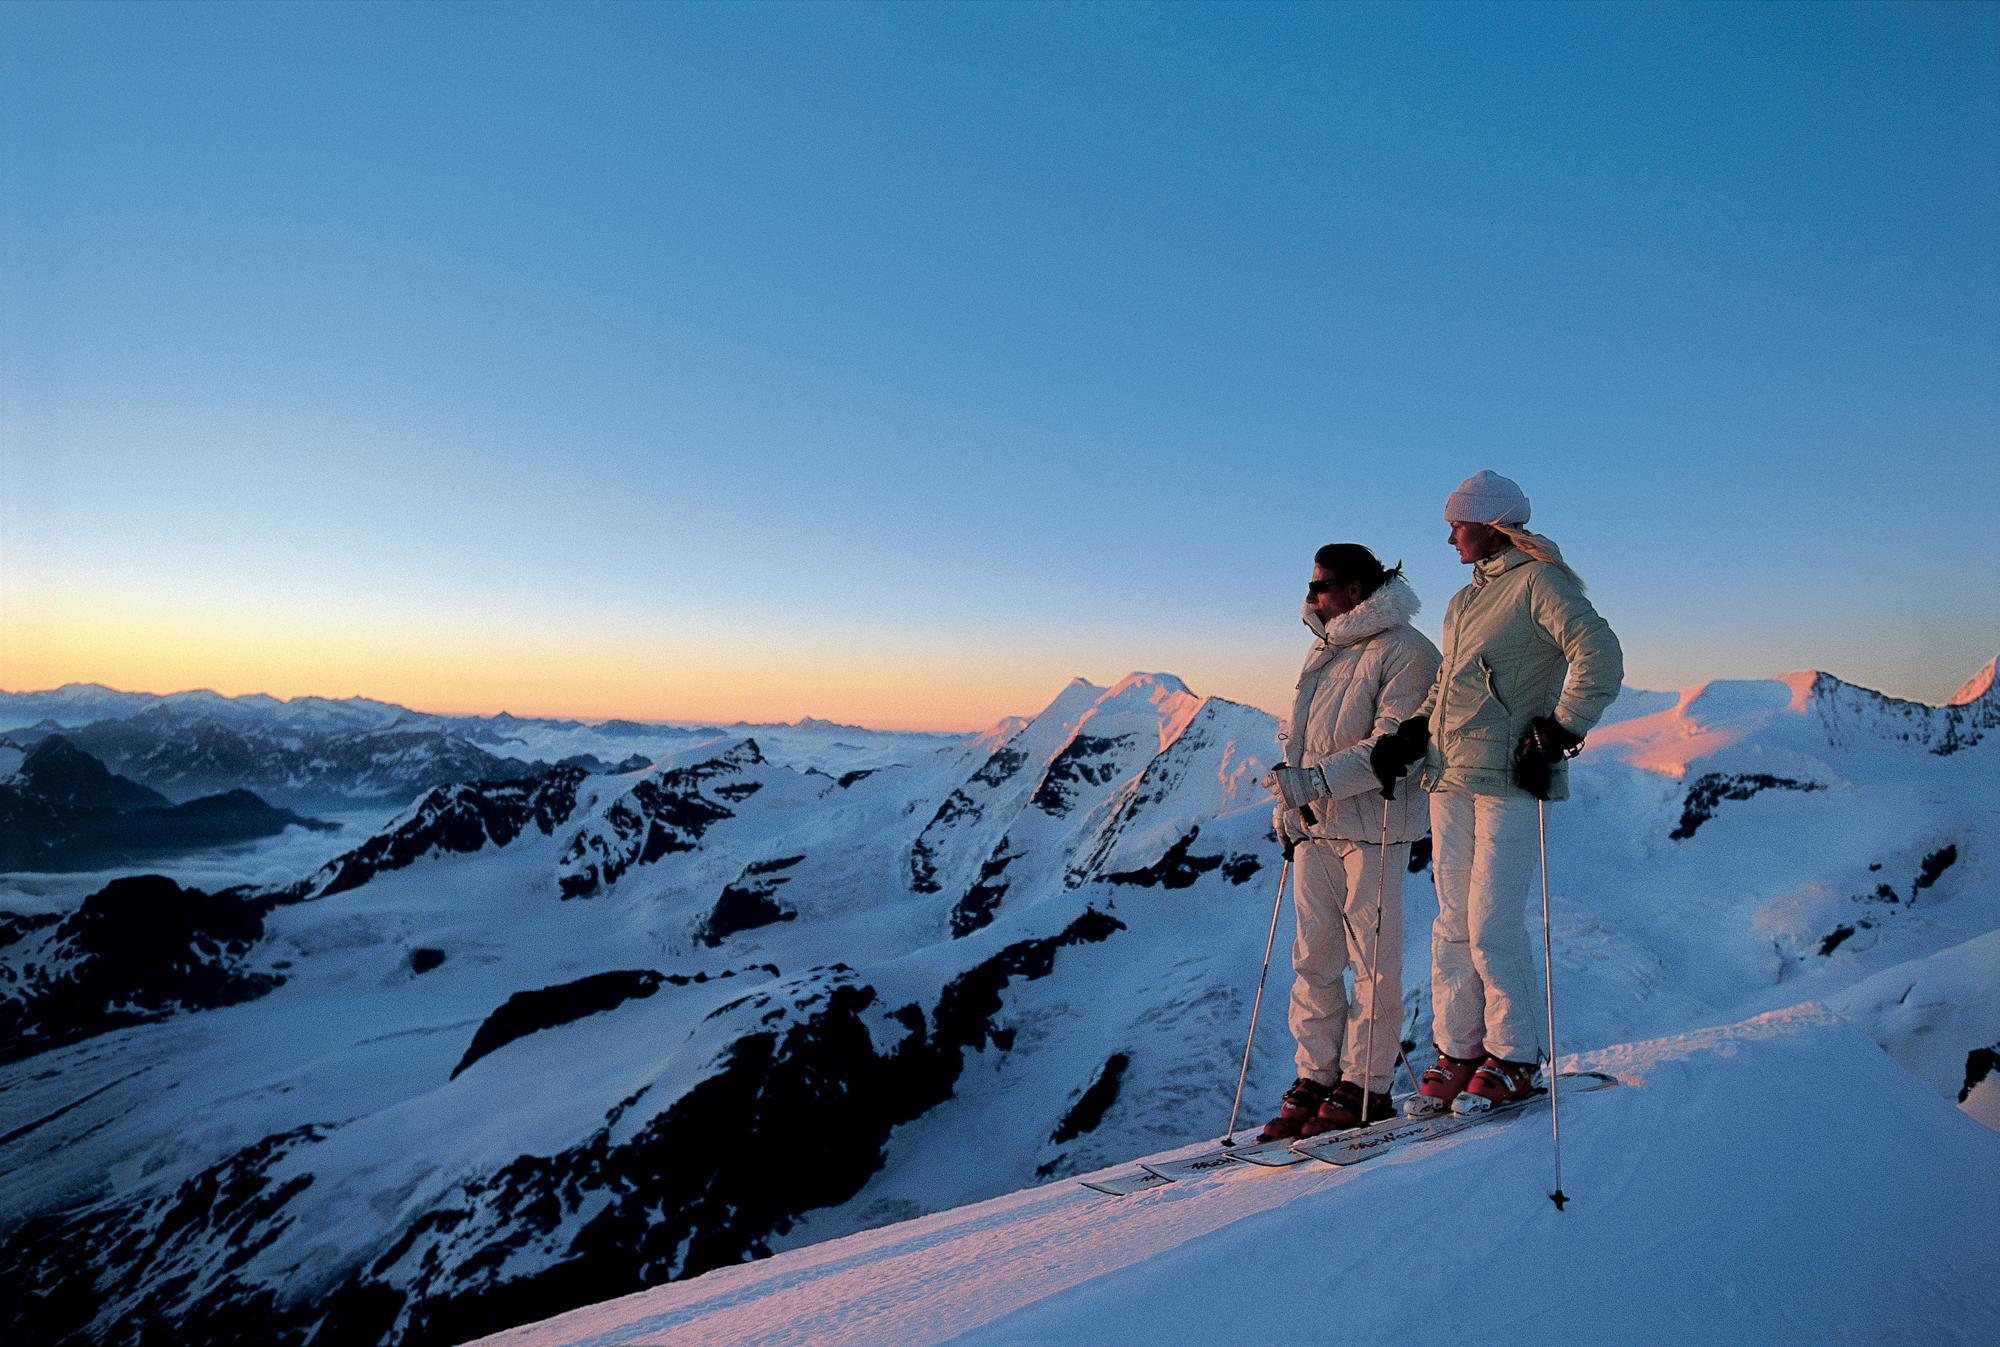 滑雪阿尔卑斯山